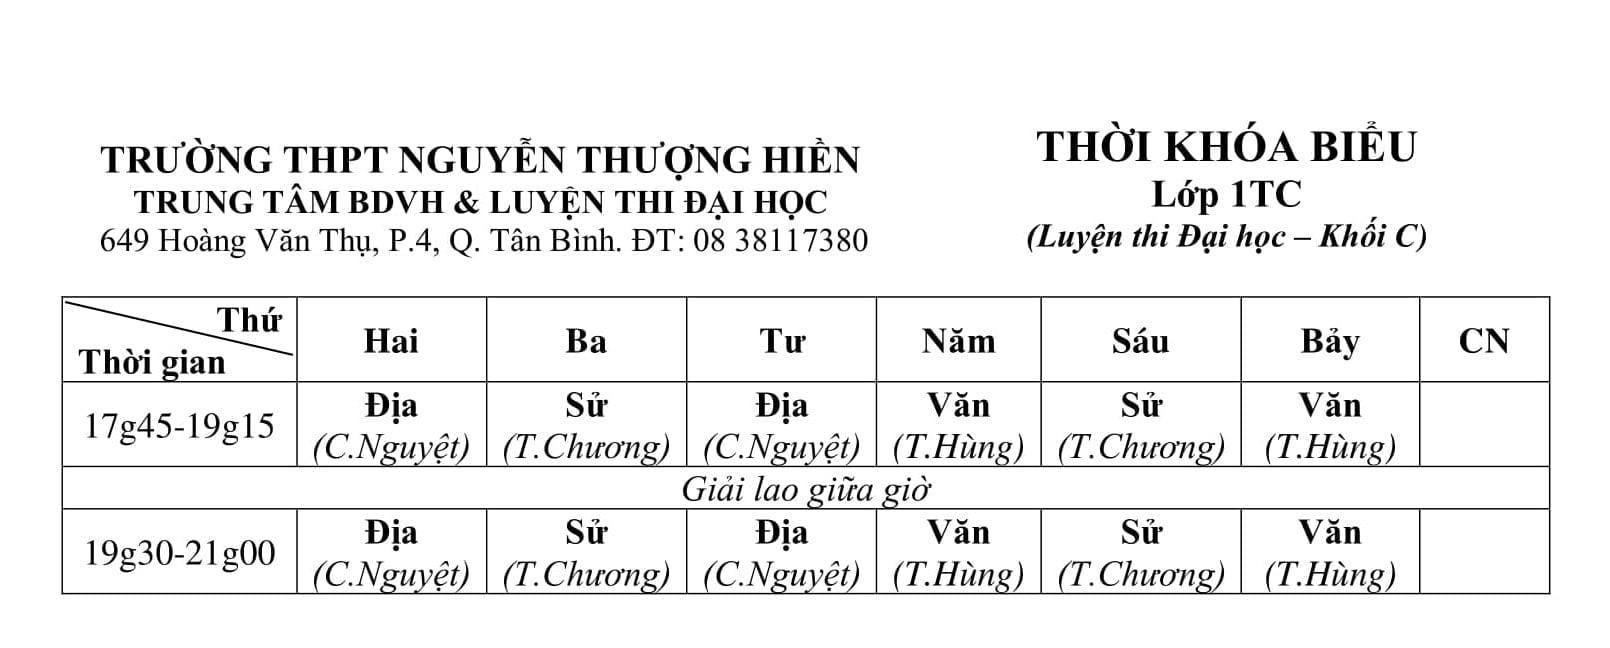 TKB các lớp luyện thi đại học, luyện thi THPT quốc gia 2019 tối từ 24/9/2018 - Hình 3